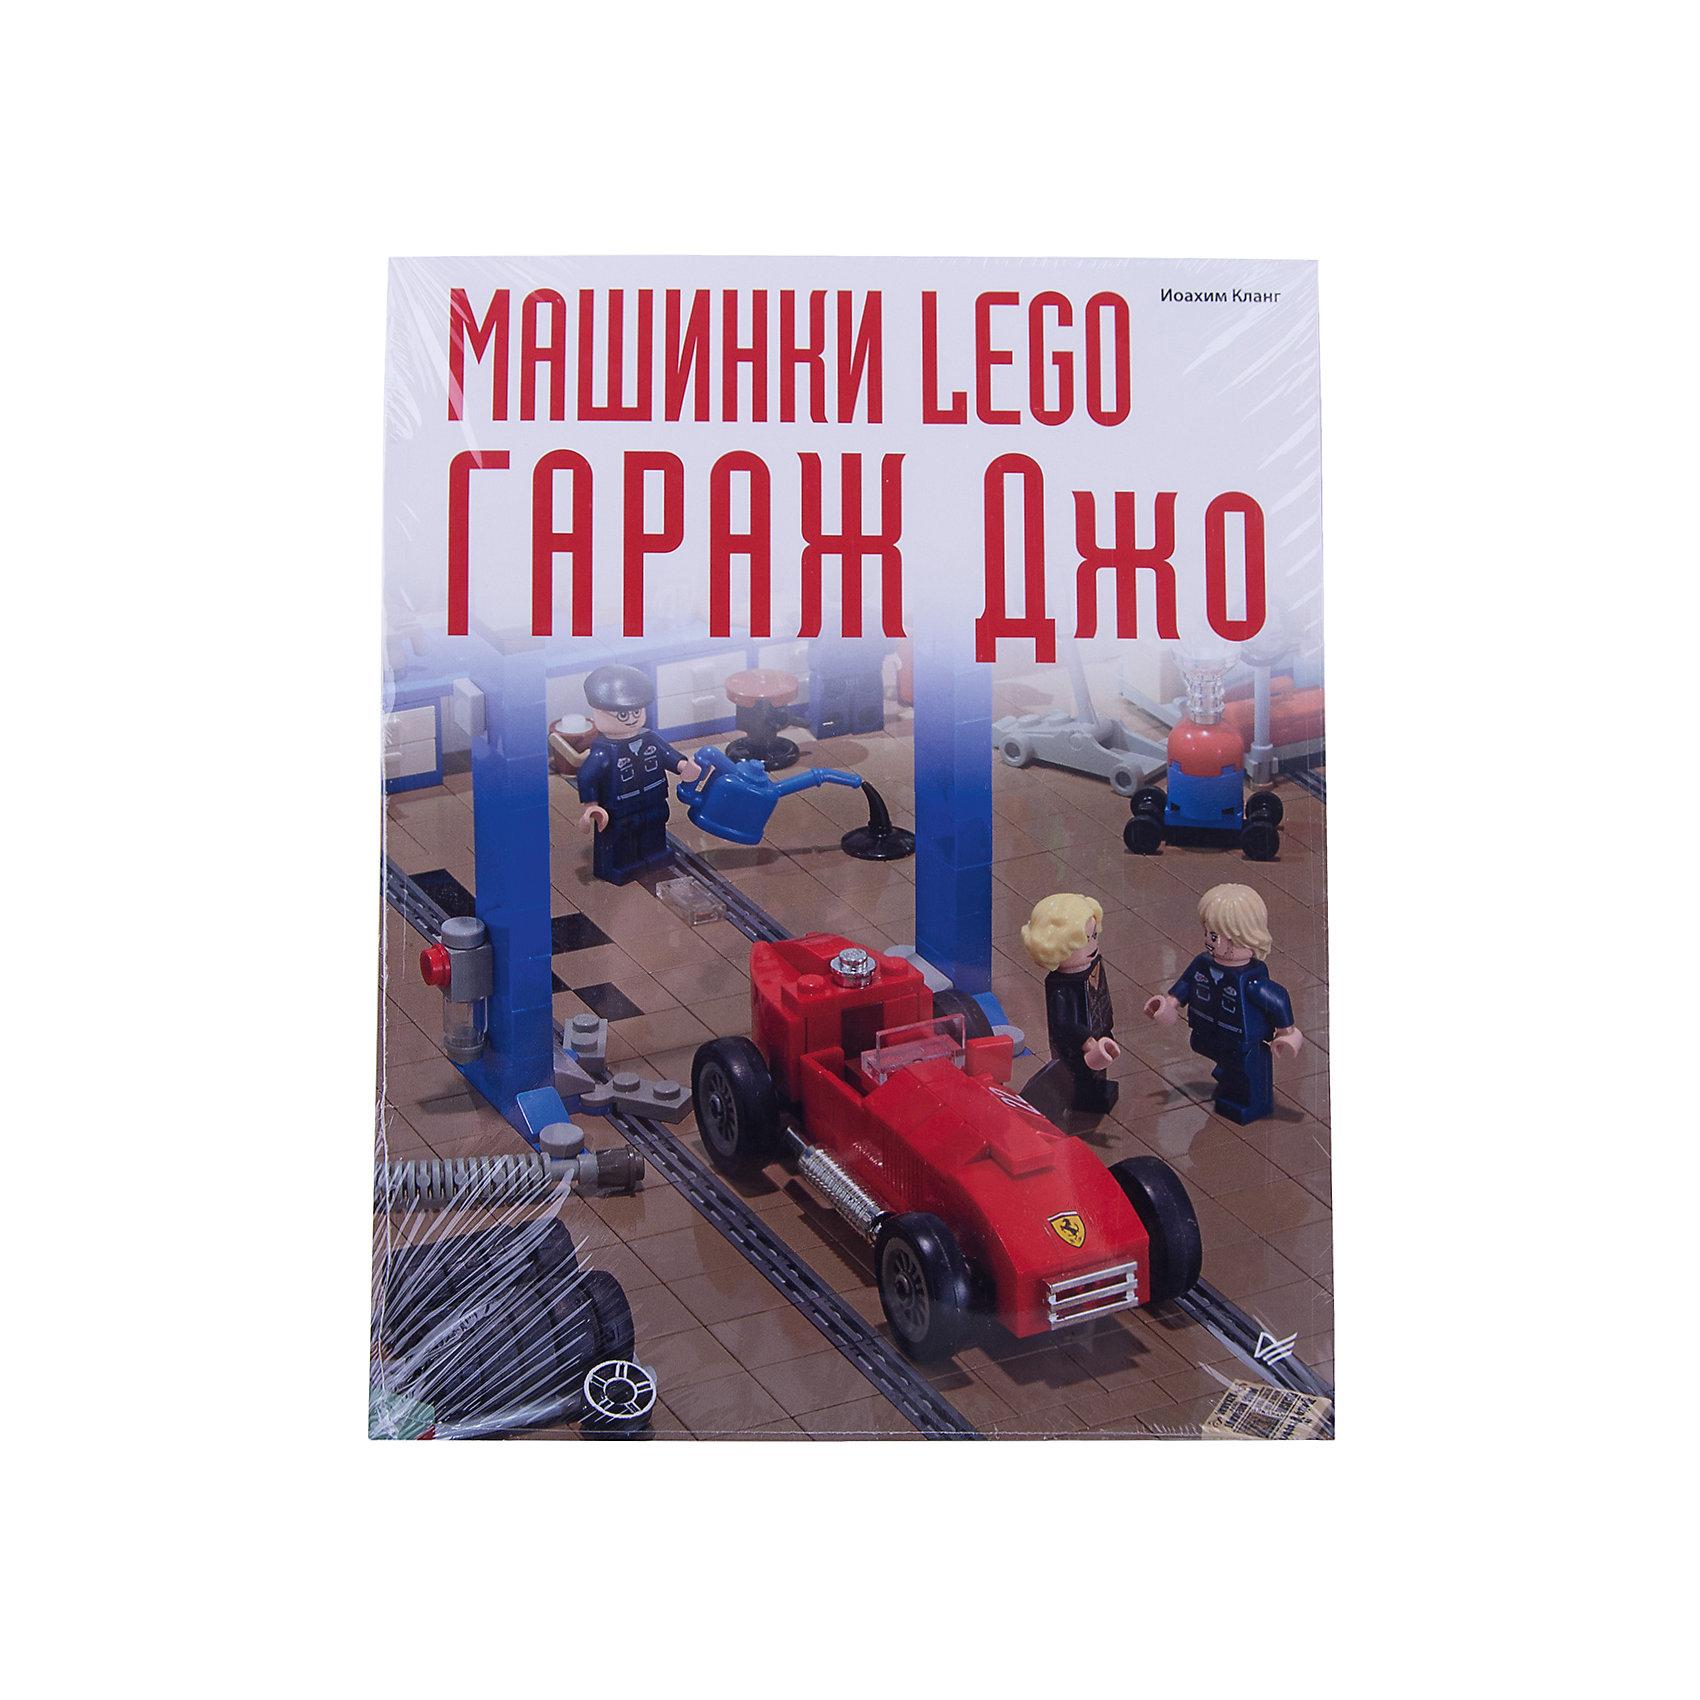 Книга-инструкция Машинки Lego. Гараж Джо«Лего» – культовая игра, которая не теряет актуальности со временем. Для первых шагов в знакомстве с игрой подойдет книга-инструкция «Книга-инструкция Машинки Lego. Гараж Джо» из новой серии для детей. В сборнике используются крупные шрифты, яркие иллюстрации и захватывающие истории, способные затянуть ребенка в мир литературы и игр «Лего». Сборник содержит множество увлекательных инструкций по сборке машин из гаража главного героя Джо. Книга развивает мышление, воображение и мелкую моторику, тренирует внимательность к деталям.<br><br>Дополнительная информация:<br>страниц: 120;<br>возраст: 7+;<br>формат:  220 х 290 мм.<br><br>Сборник «Книга-инструкция Машинки Lego. Гараж Джо» можно приобрести в нашем магазине.<br><br>Ширина мм: 290<br>Глубина мм: 215<br>Высота мм: 5<br>Вес г: 302<br>Возраст от месяцев: 72<br>Возраст до месяцев: 2147483647<br>Пол: Мужской<br>Возраст: Детский<br>SKU: 4966245